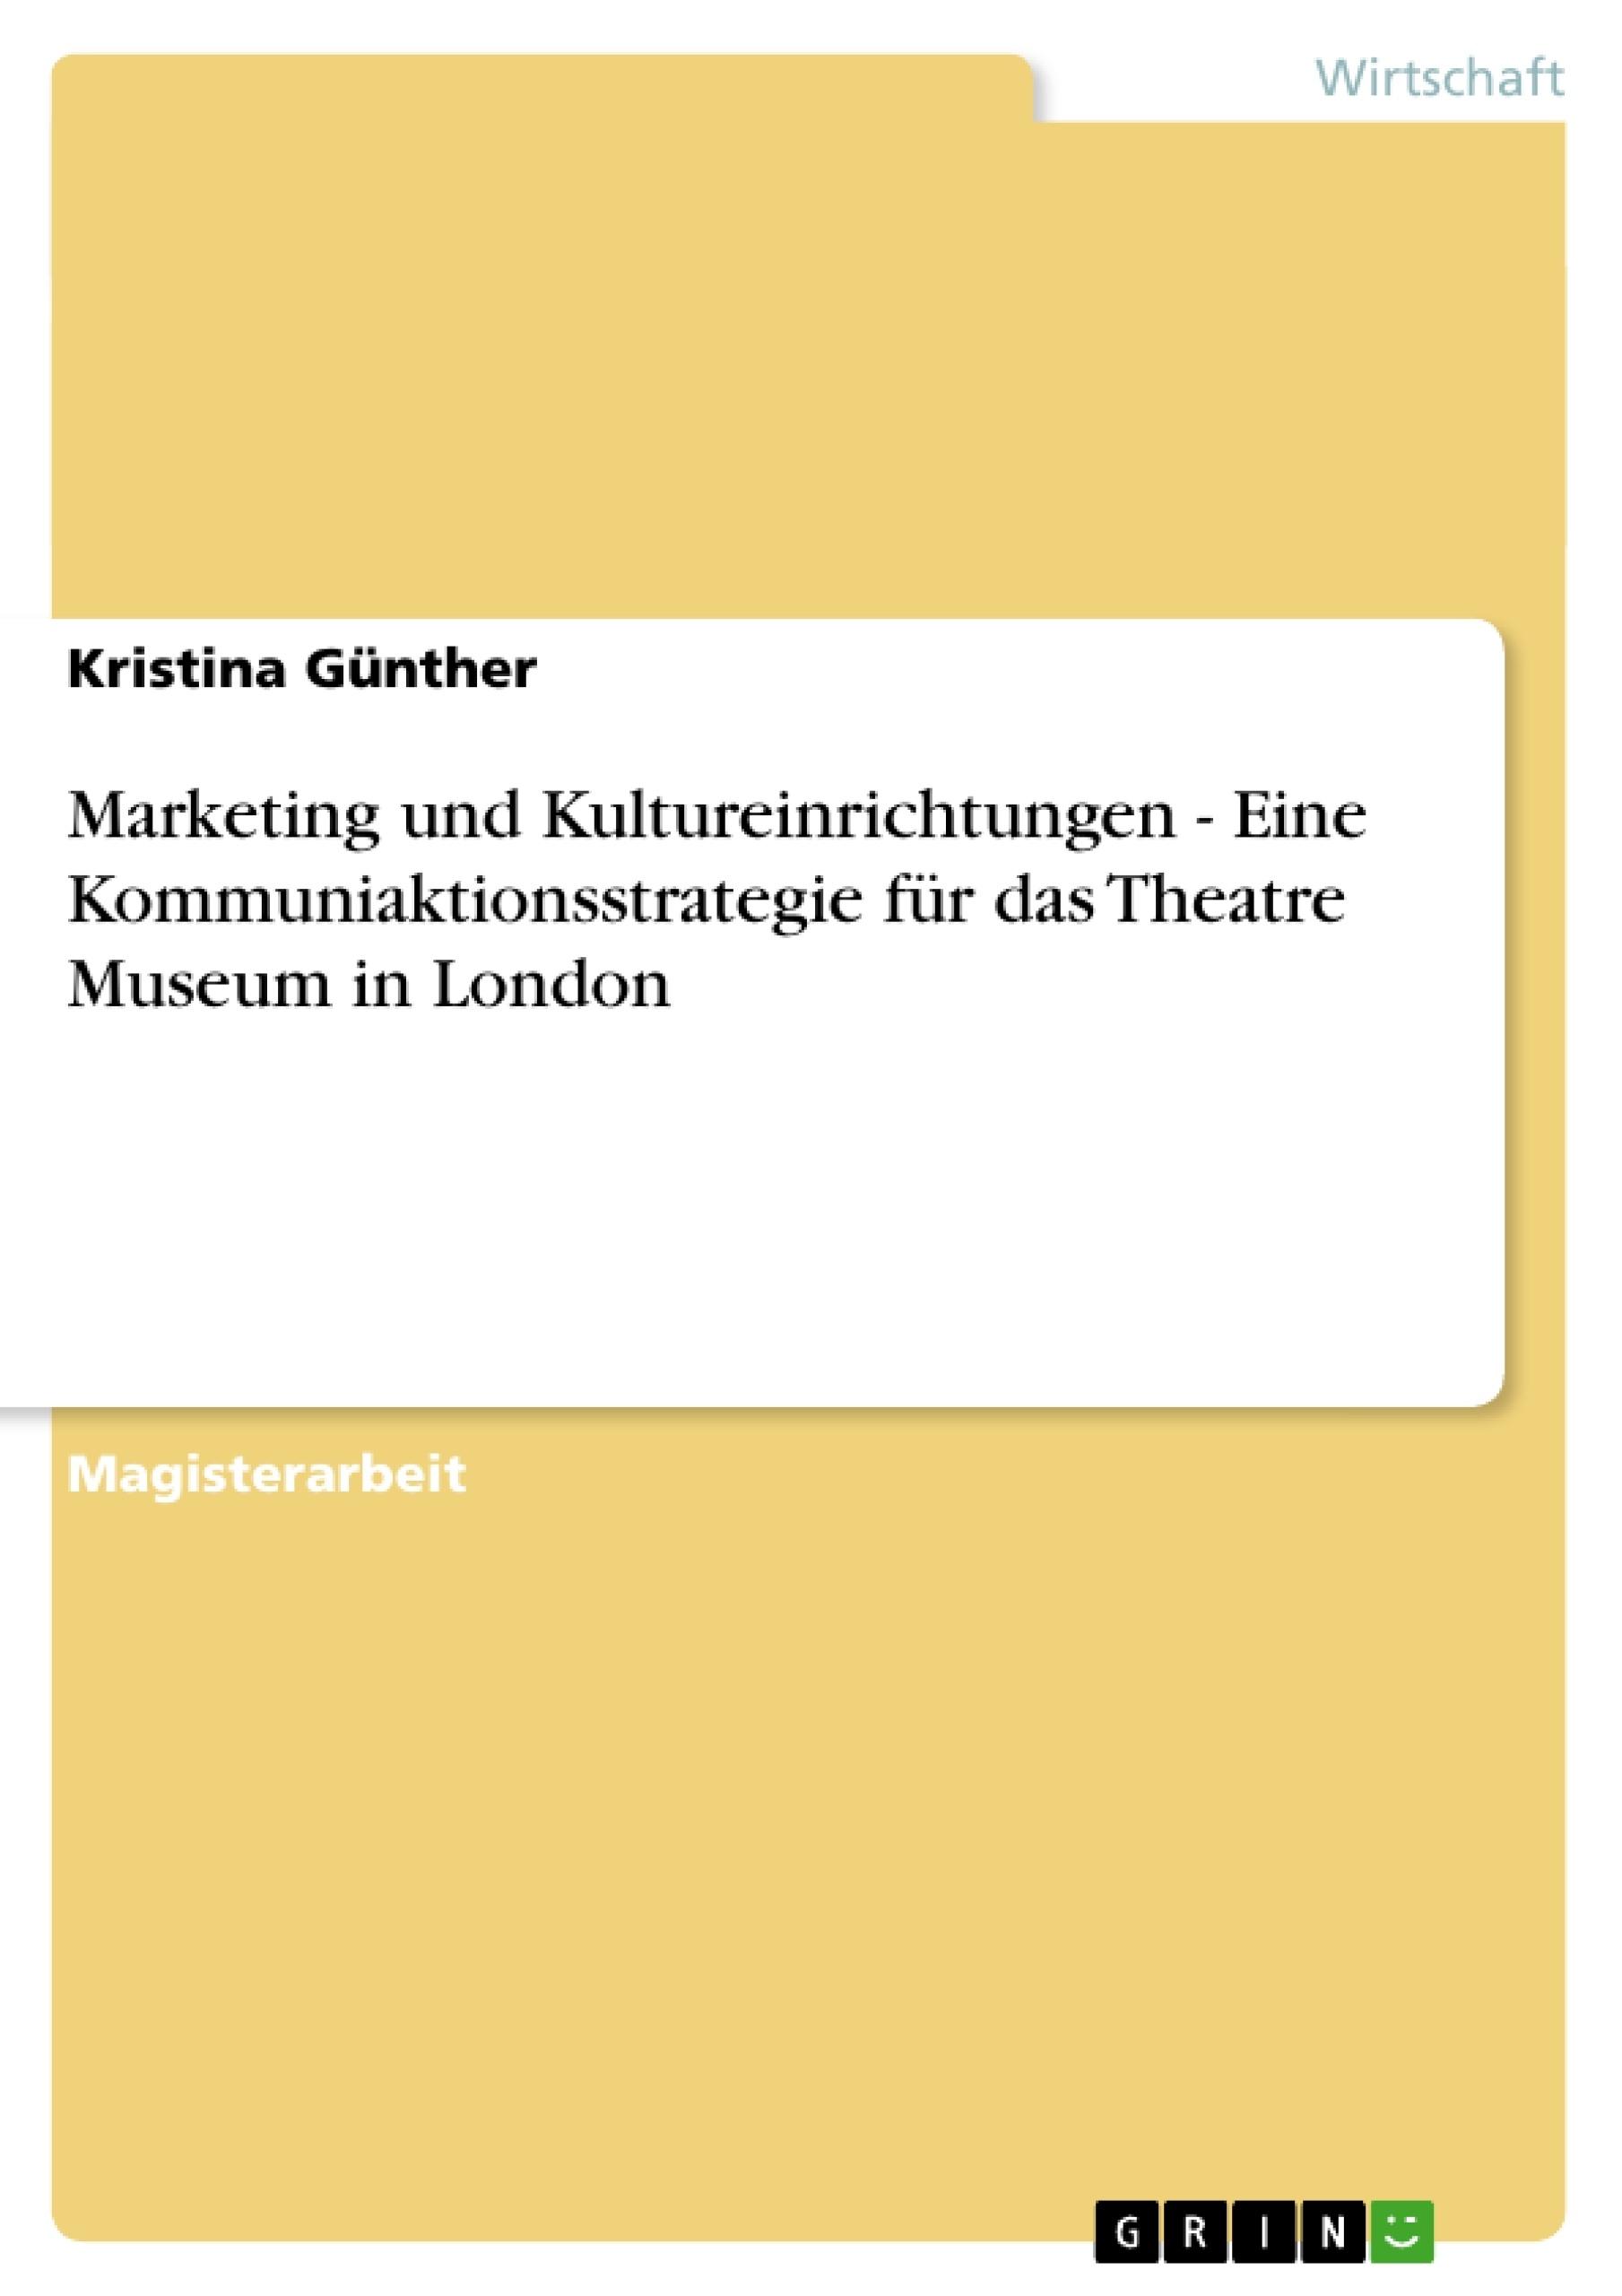 Titel: Marketing und Kultureinrichtungen - Eine Kommuniaktionsstrategie für das Theatre Museum in London